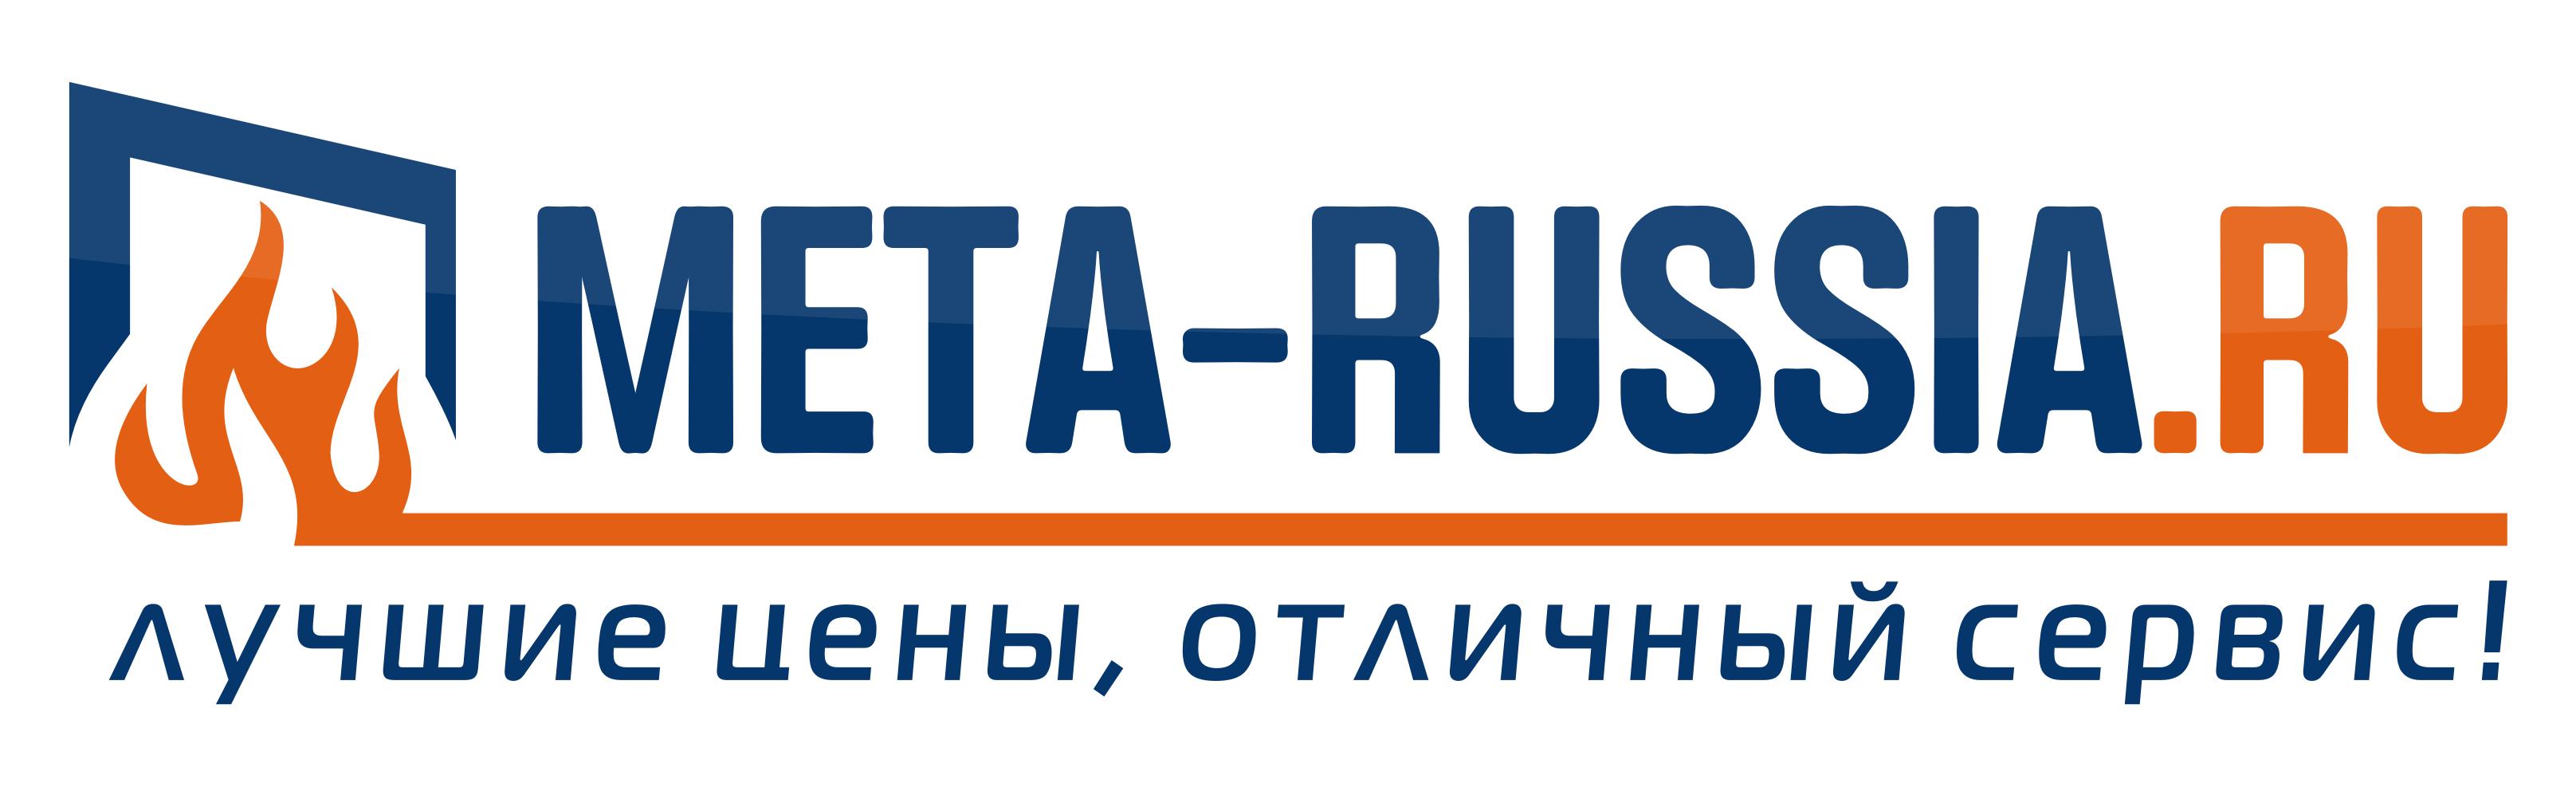 Интернет-магазин Мета Россия каминов, печей